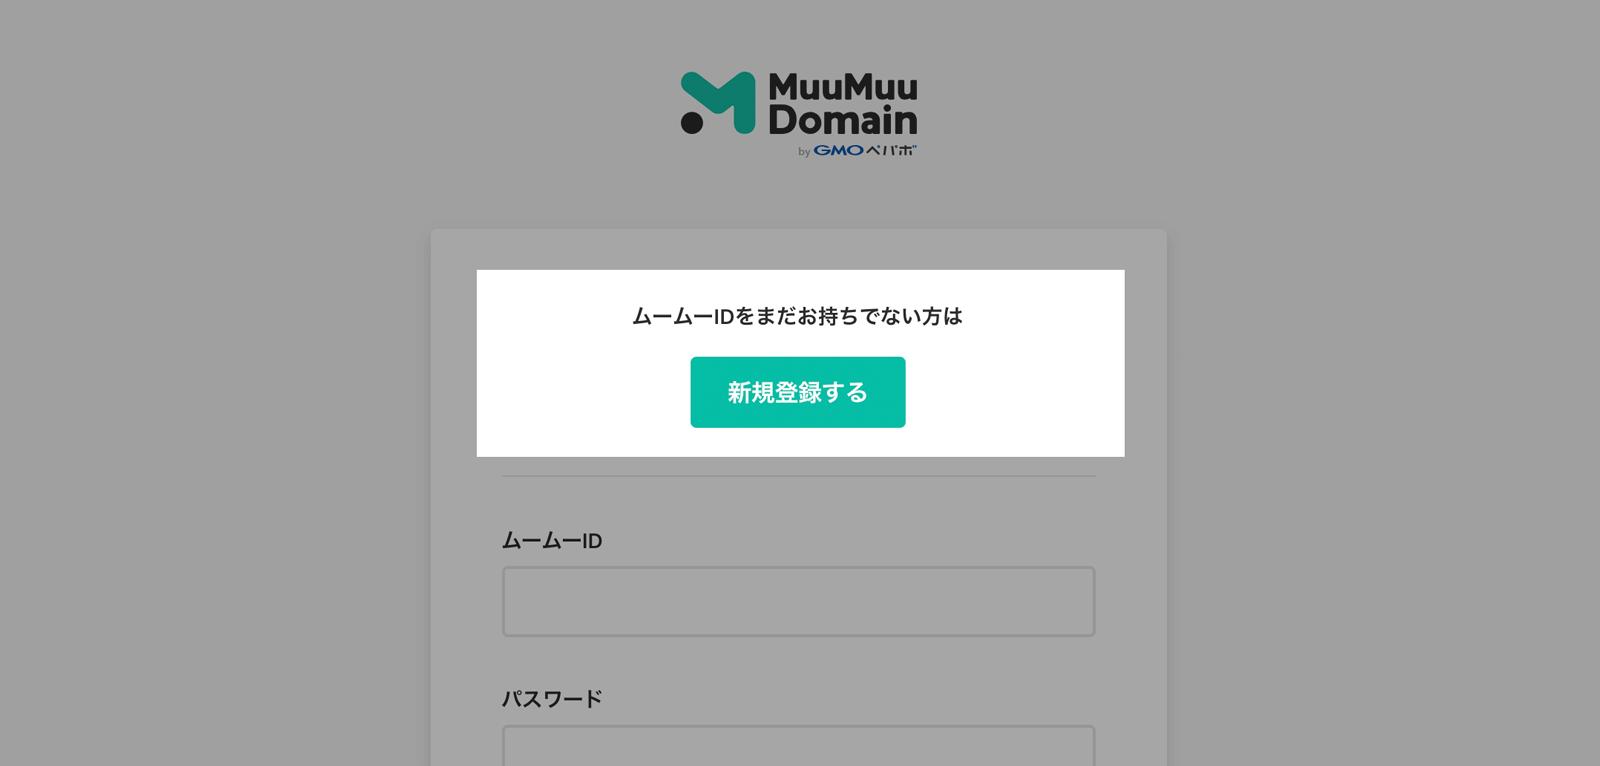 ムームードメインのアカウントを新規登録します